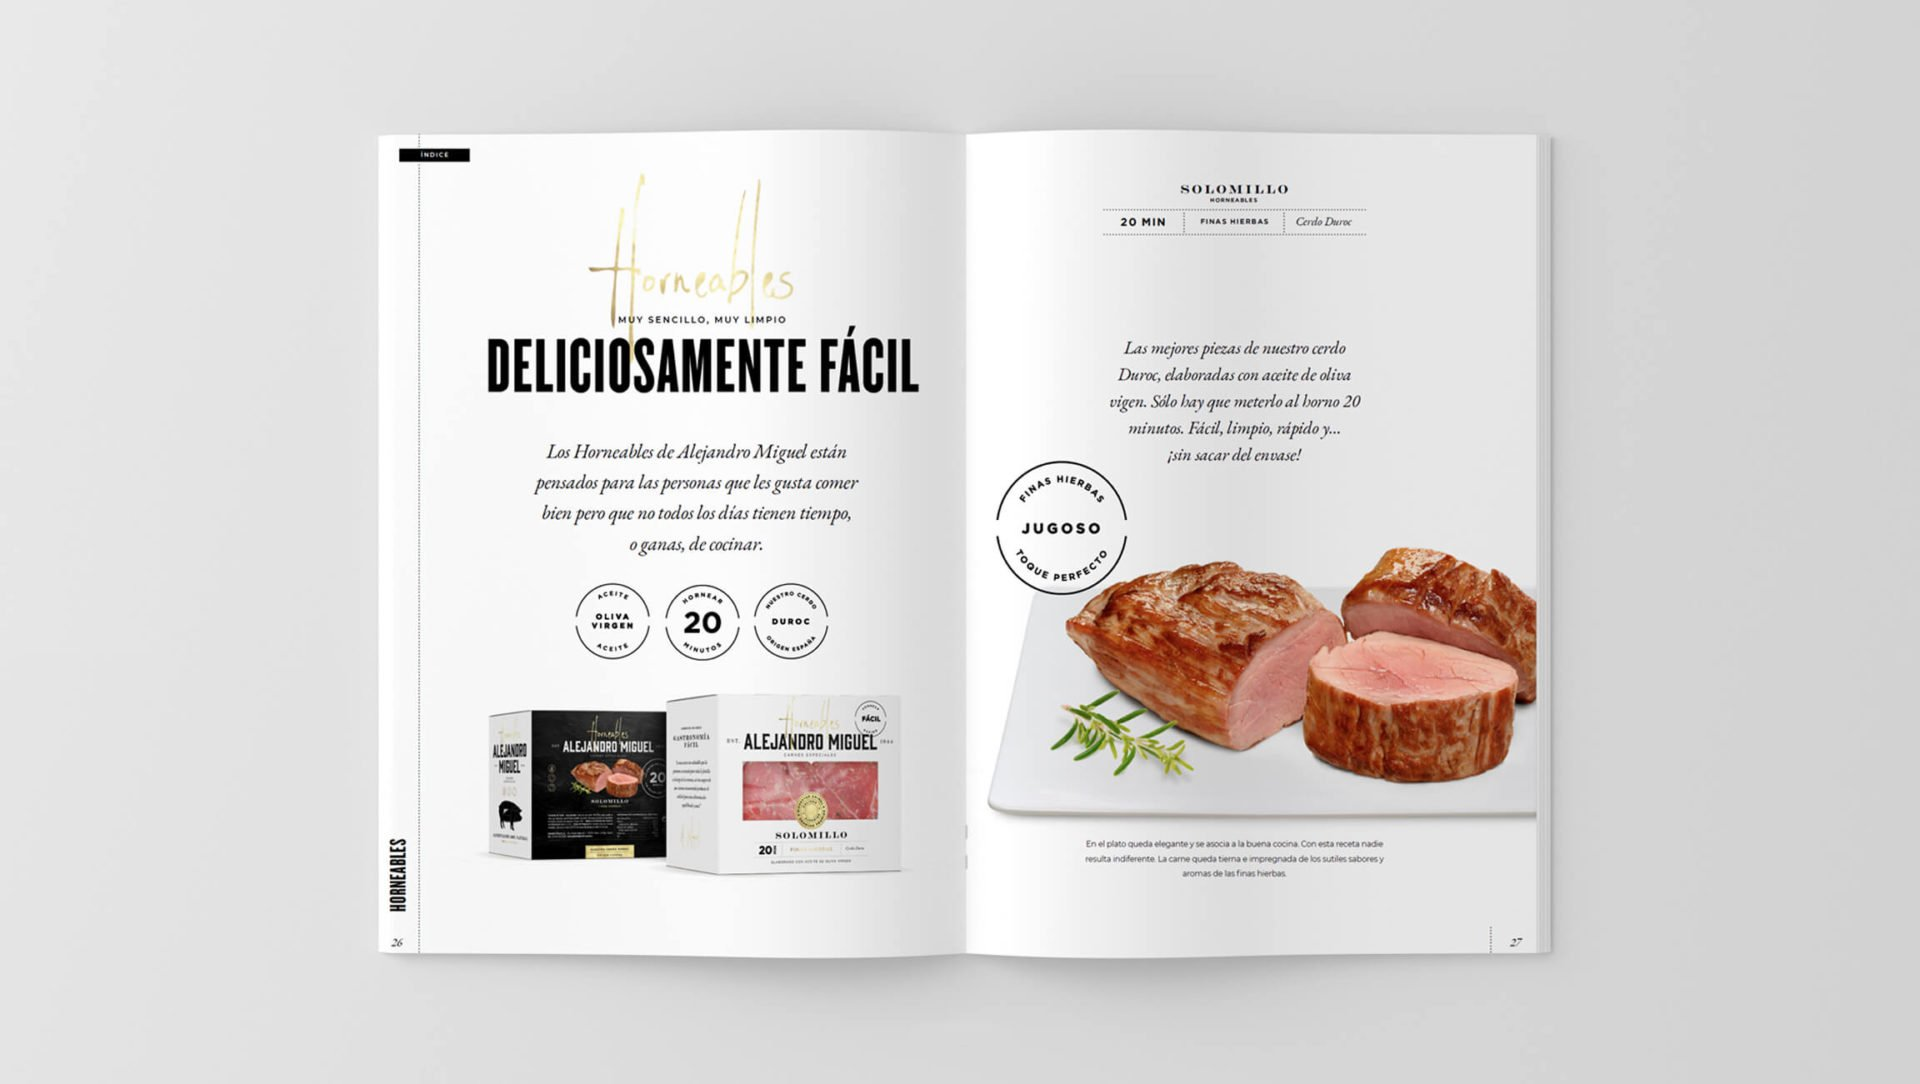 diseño-catalogo-carne-cerdo-duroc-alejandro-miguel-05